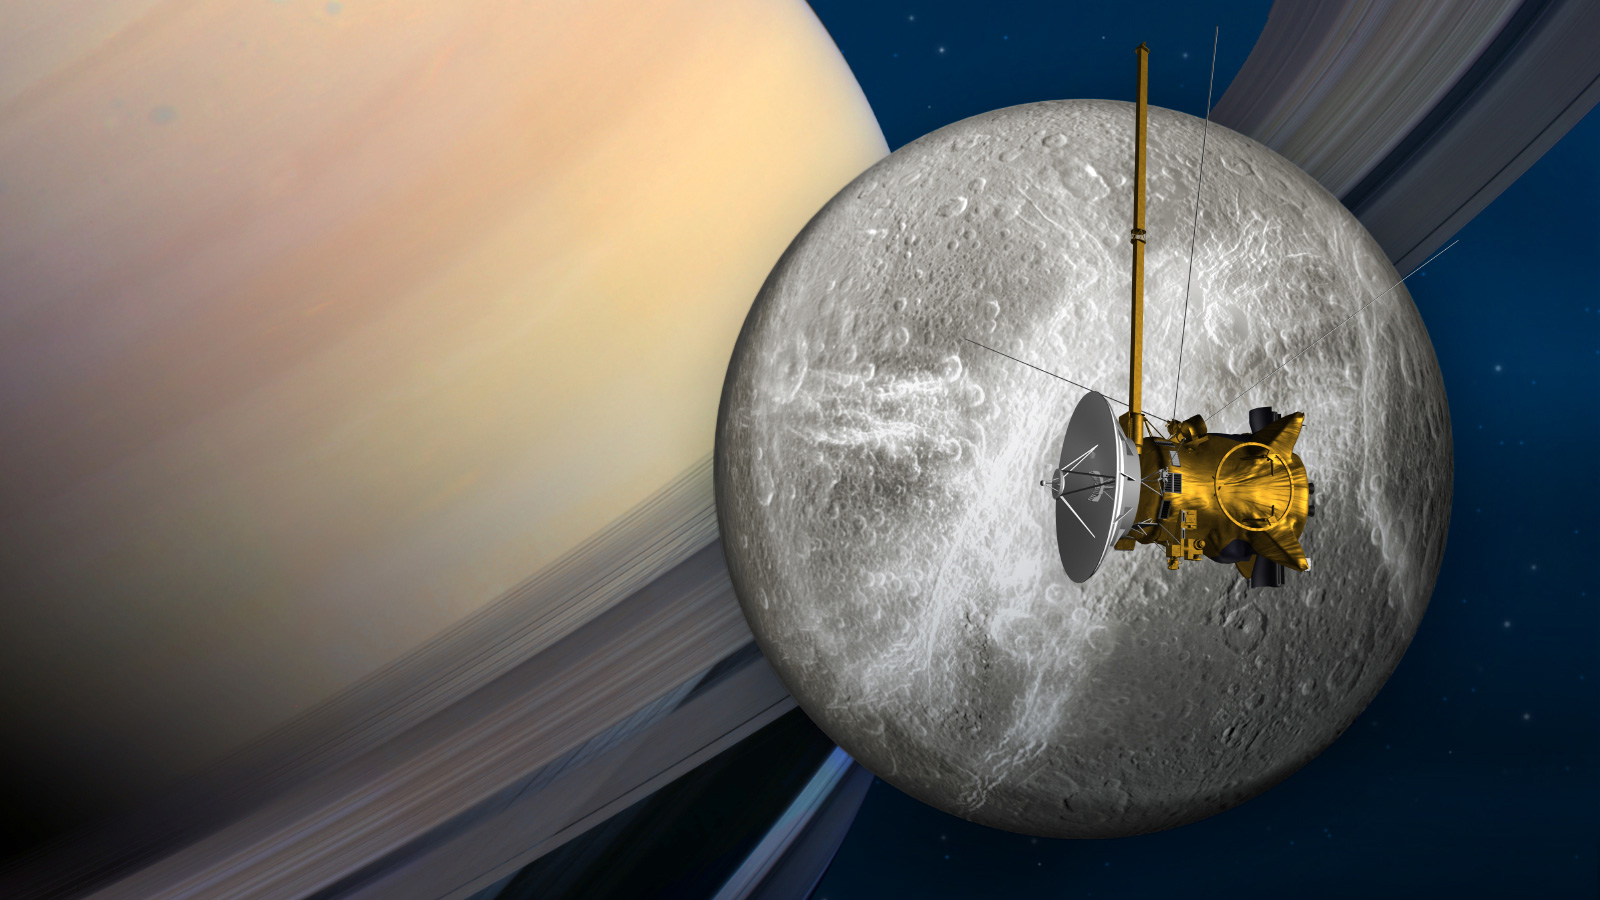 Cassini e Dione in una rappresentazione artistica. Crediti: NASA/JPL-Caltech